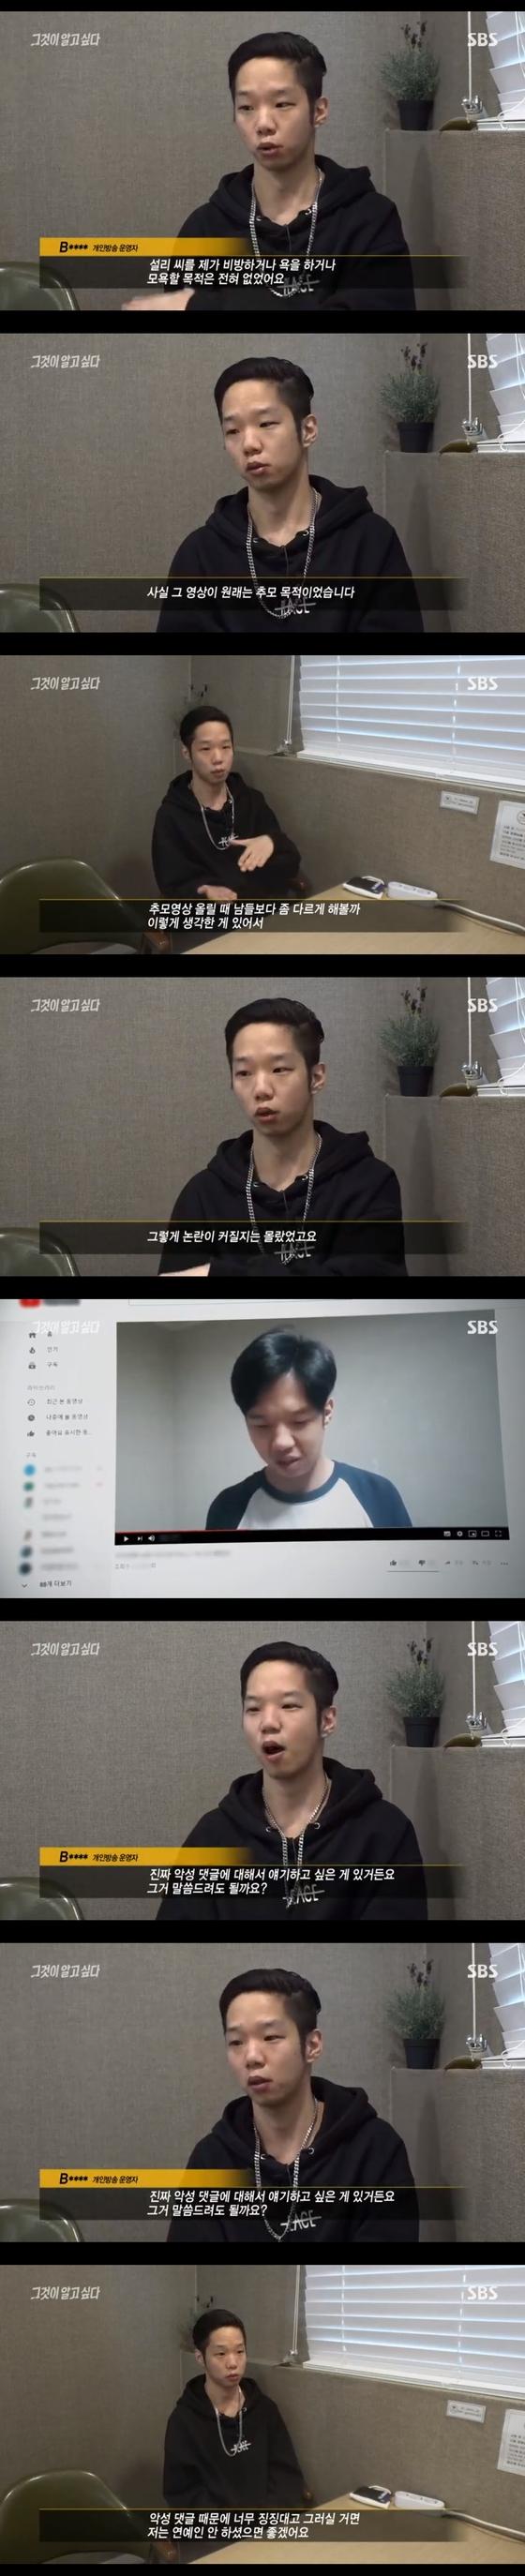 """'그알' BJ, 설리 남친 주장? """"추모 목적…연예인들 악플은 감내해야"""""""